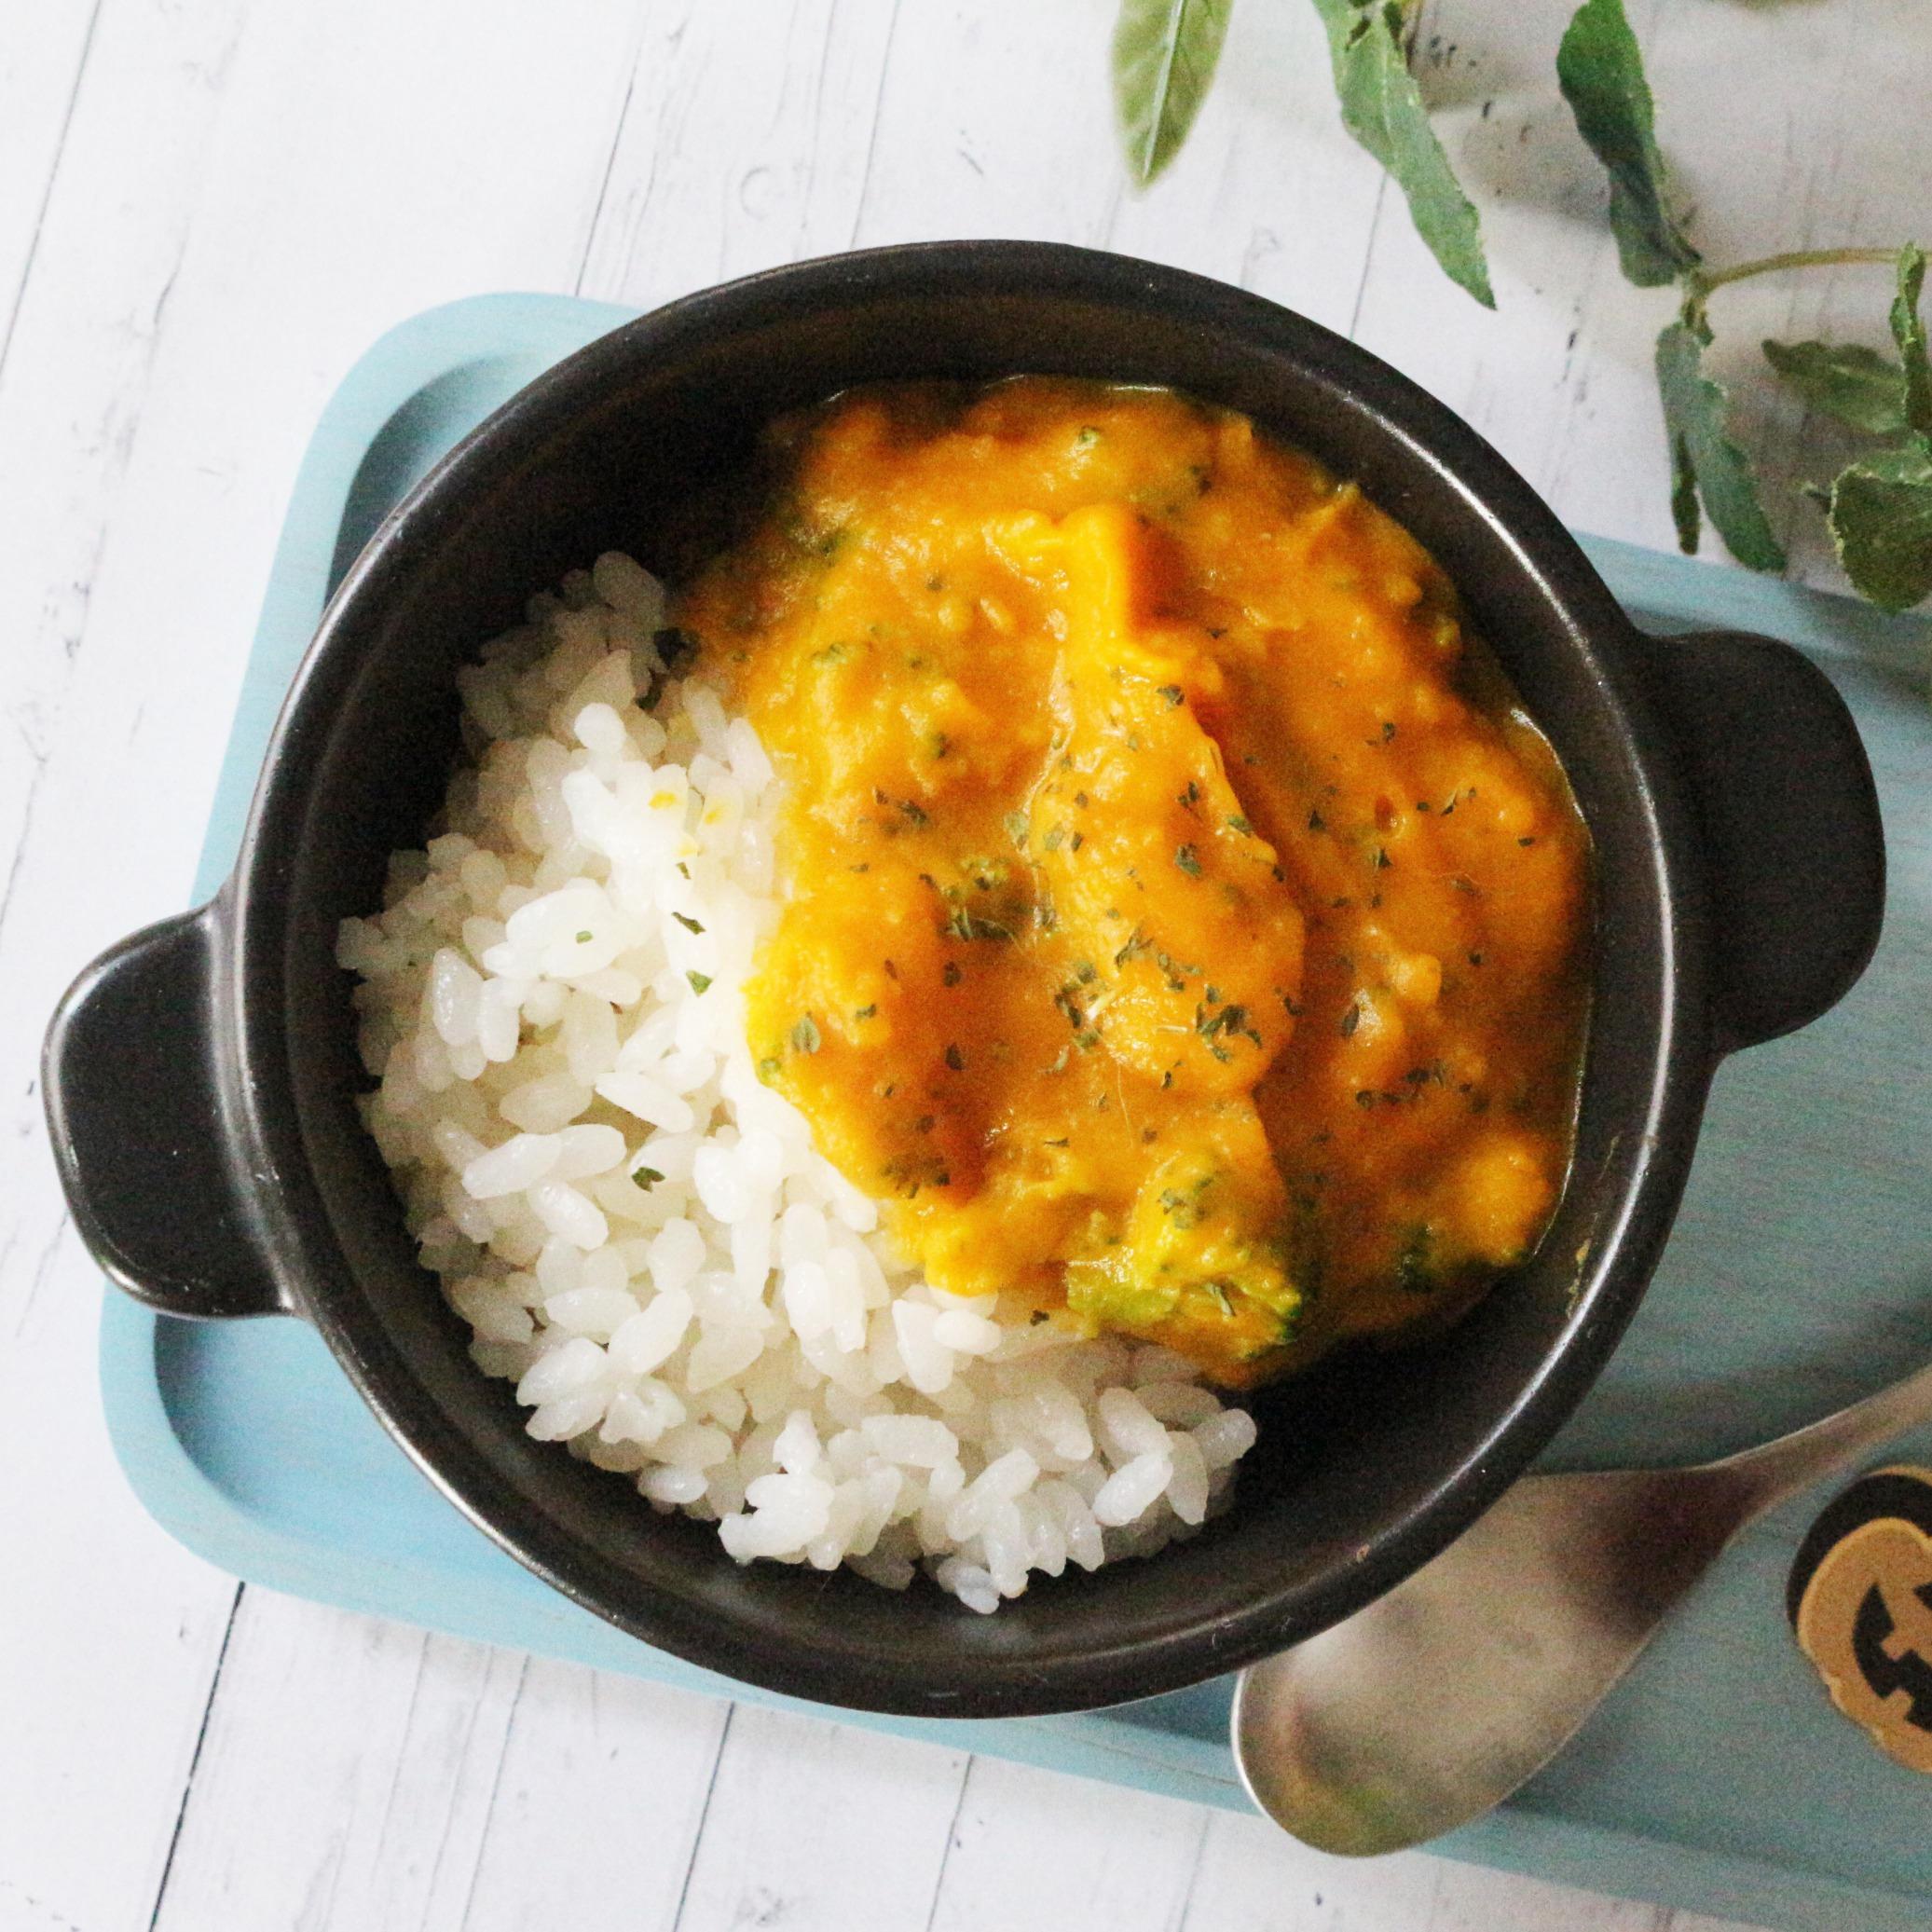 【離乳食完了期】小麦粉不使用、野菜たっぷりかぼちゃのシチュー